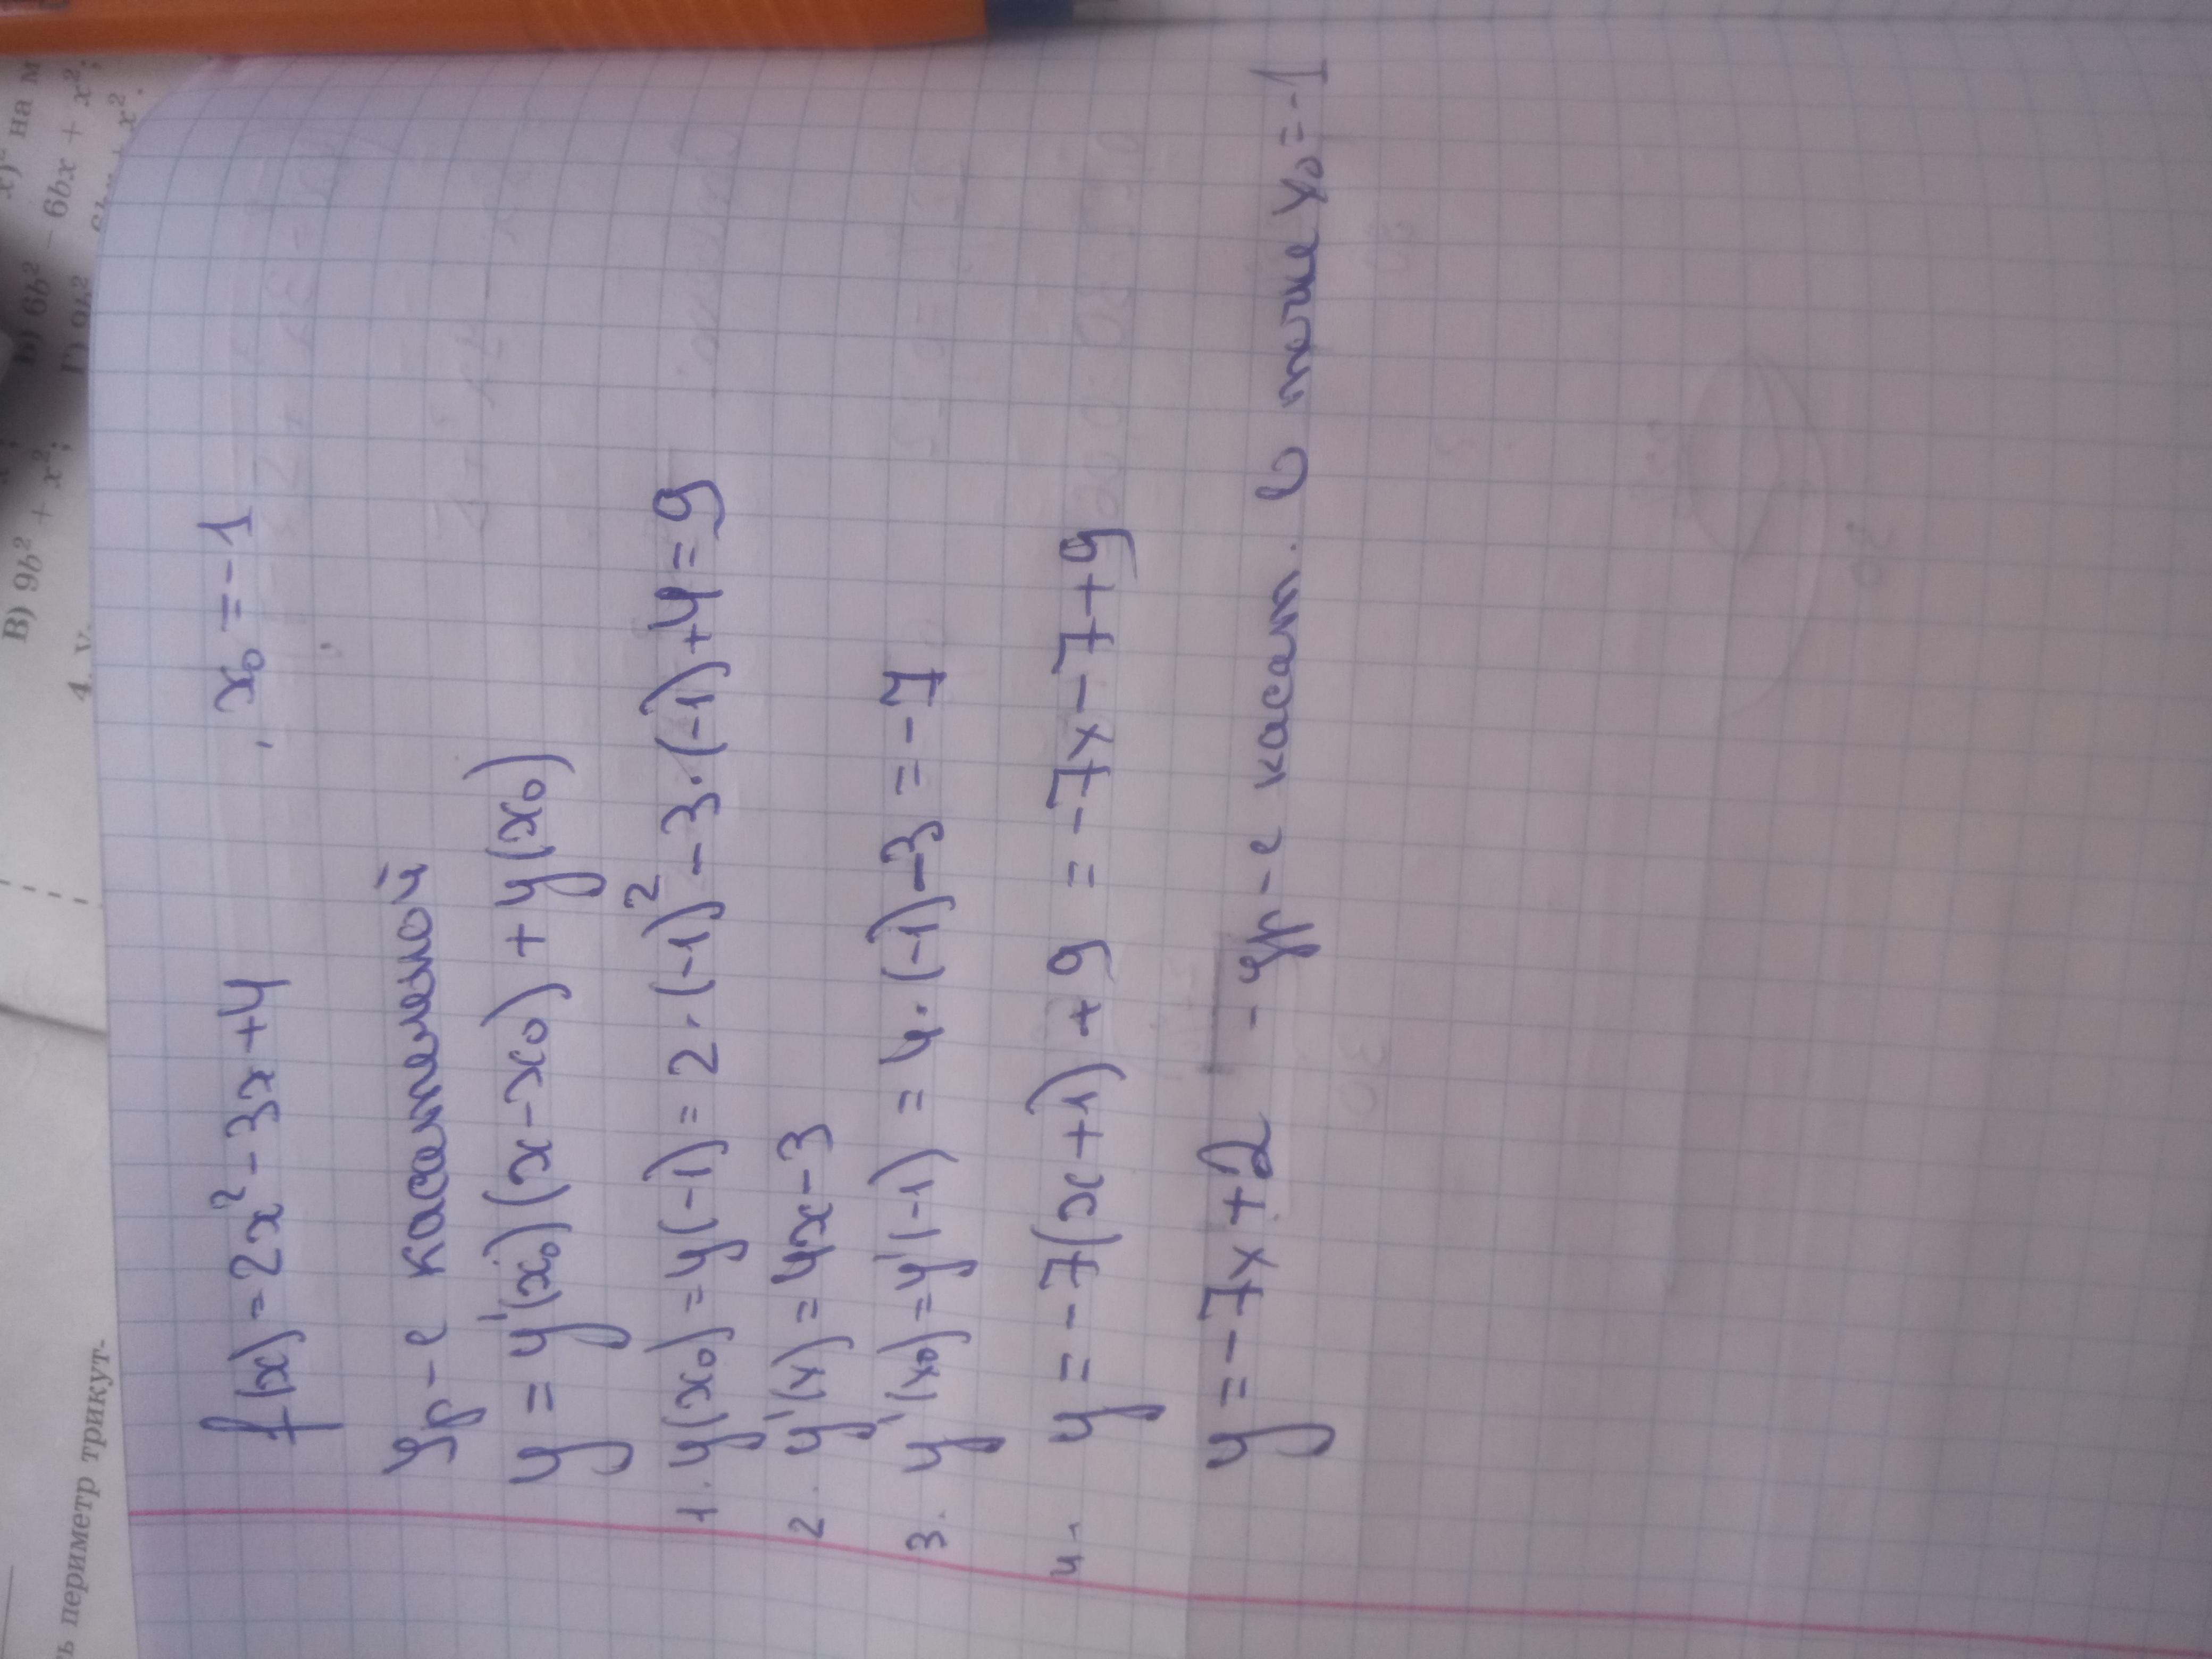 Дана функция f(x)=2x^2-3x+4. Составить уравнение к